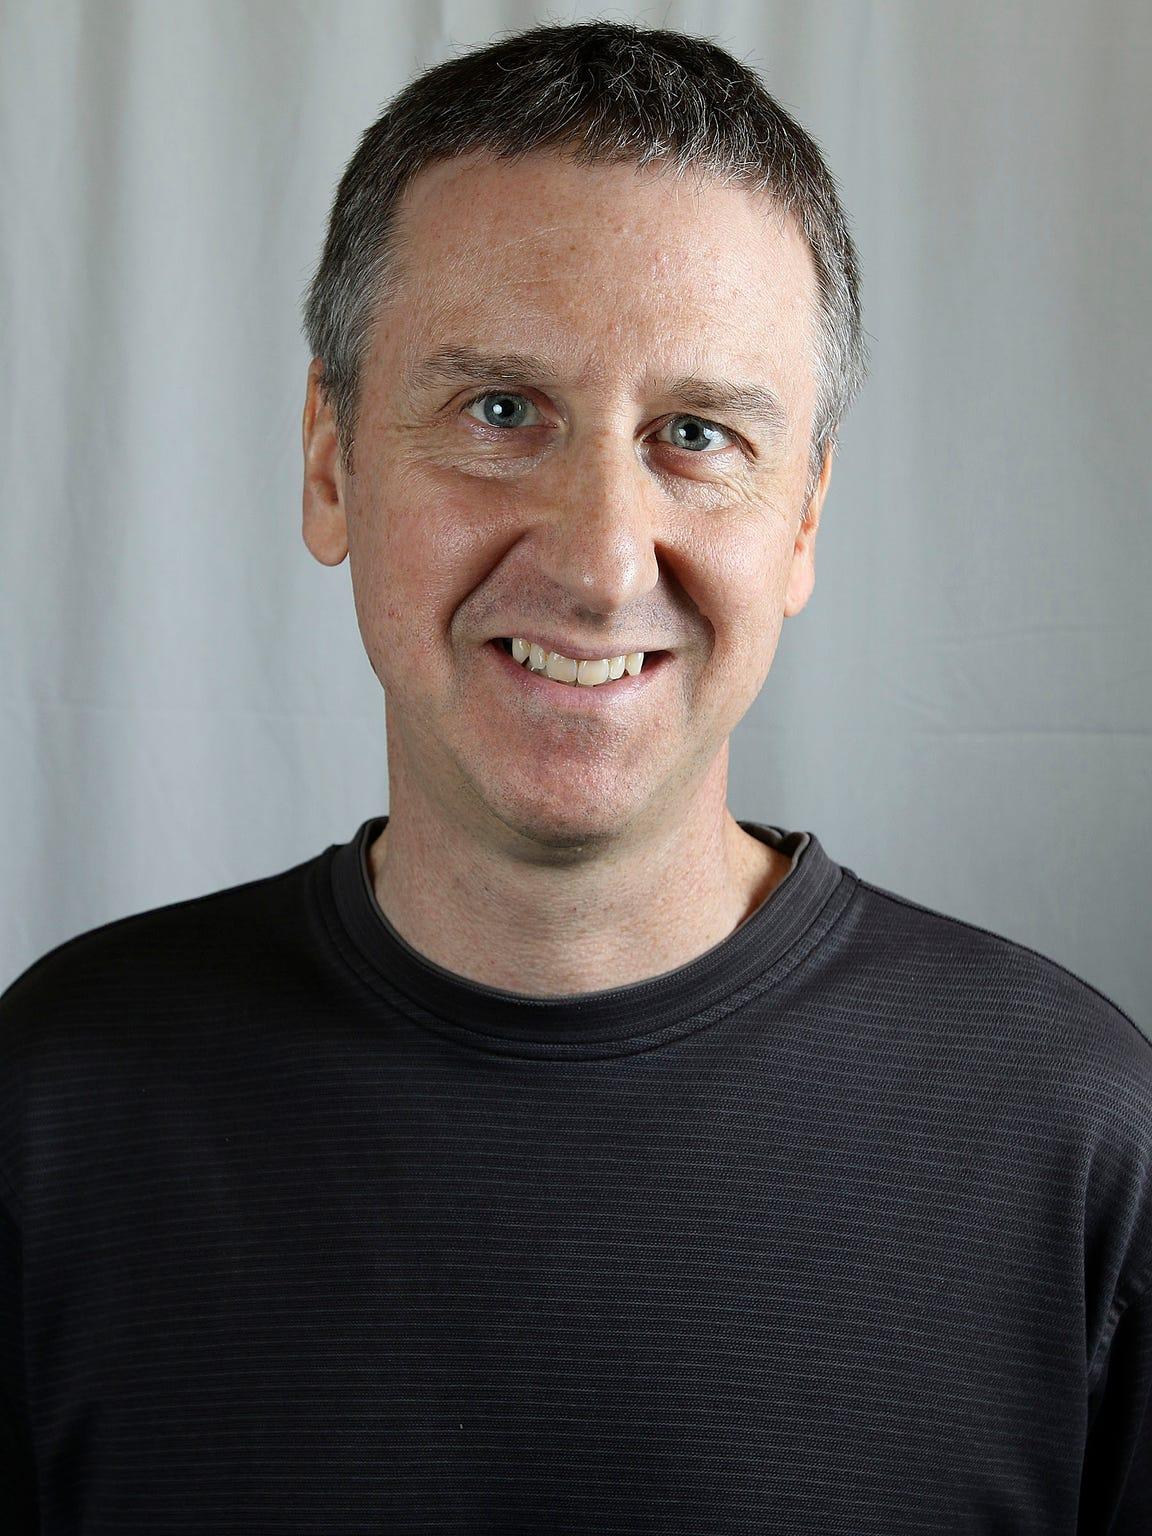 Bob Dohr